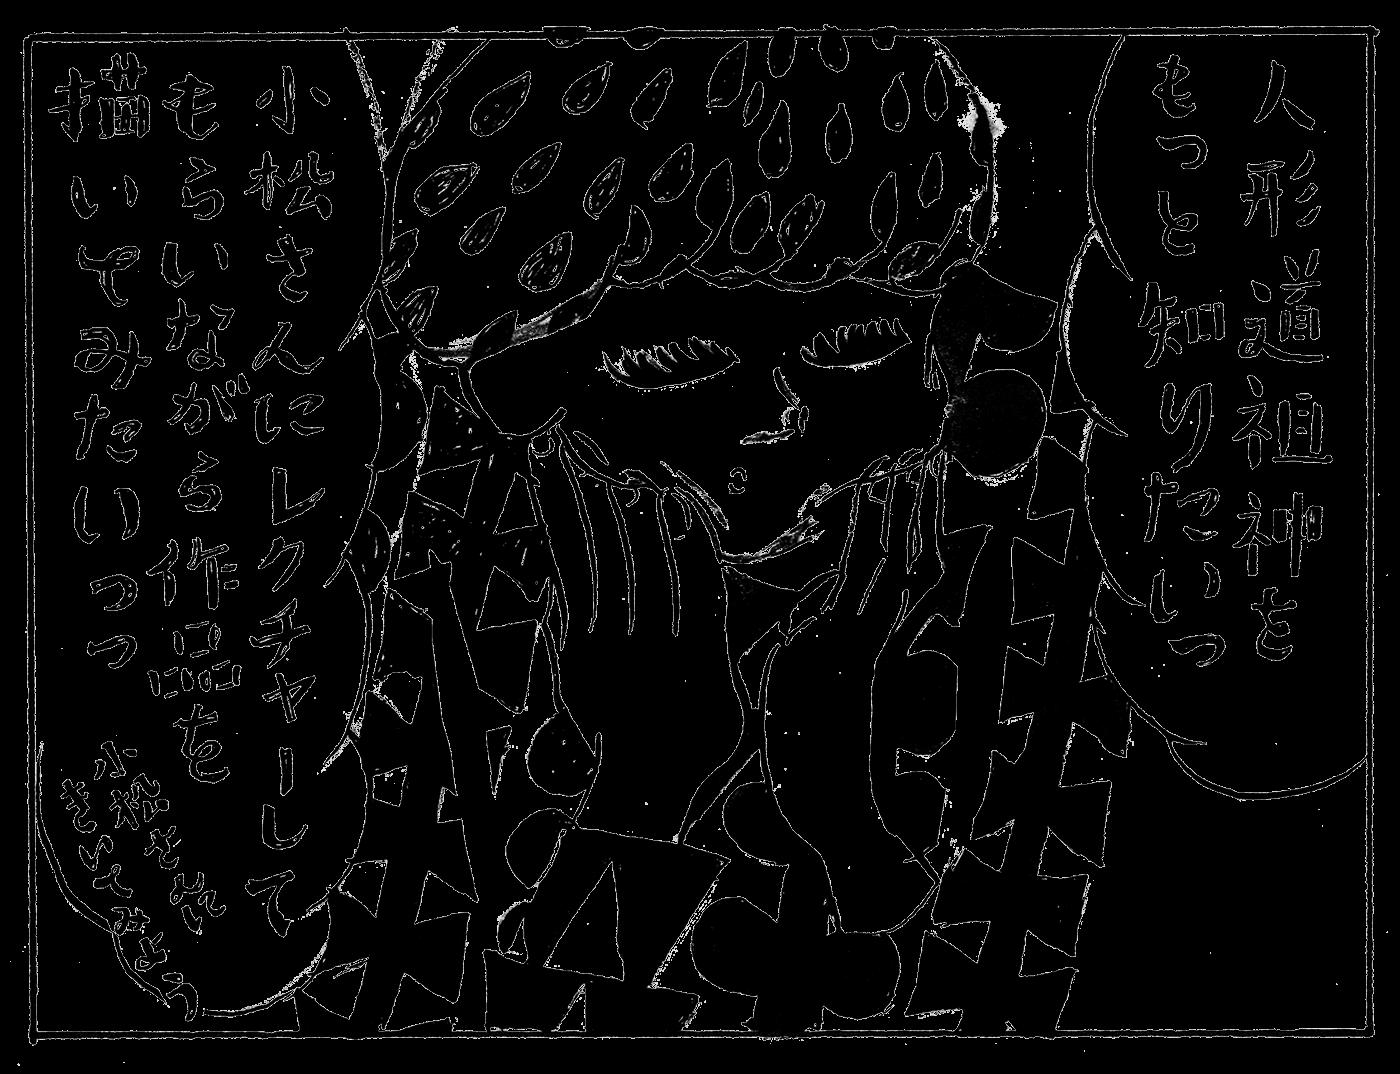 人形道祖神をもっとしりたいっ、小松さんにレクチャーしてもらいながら作品を描いてみたいっっ 小松さんにきいてみよう